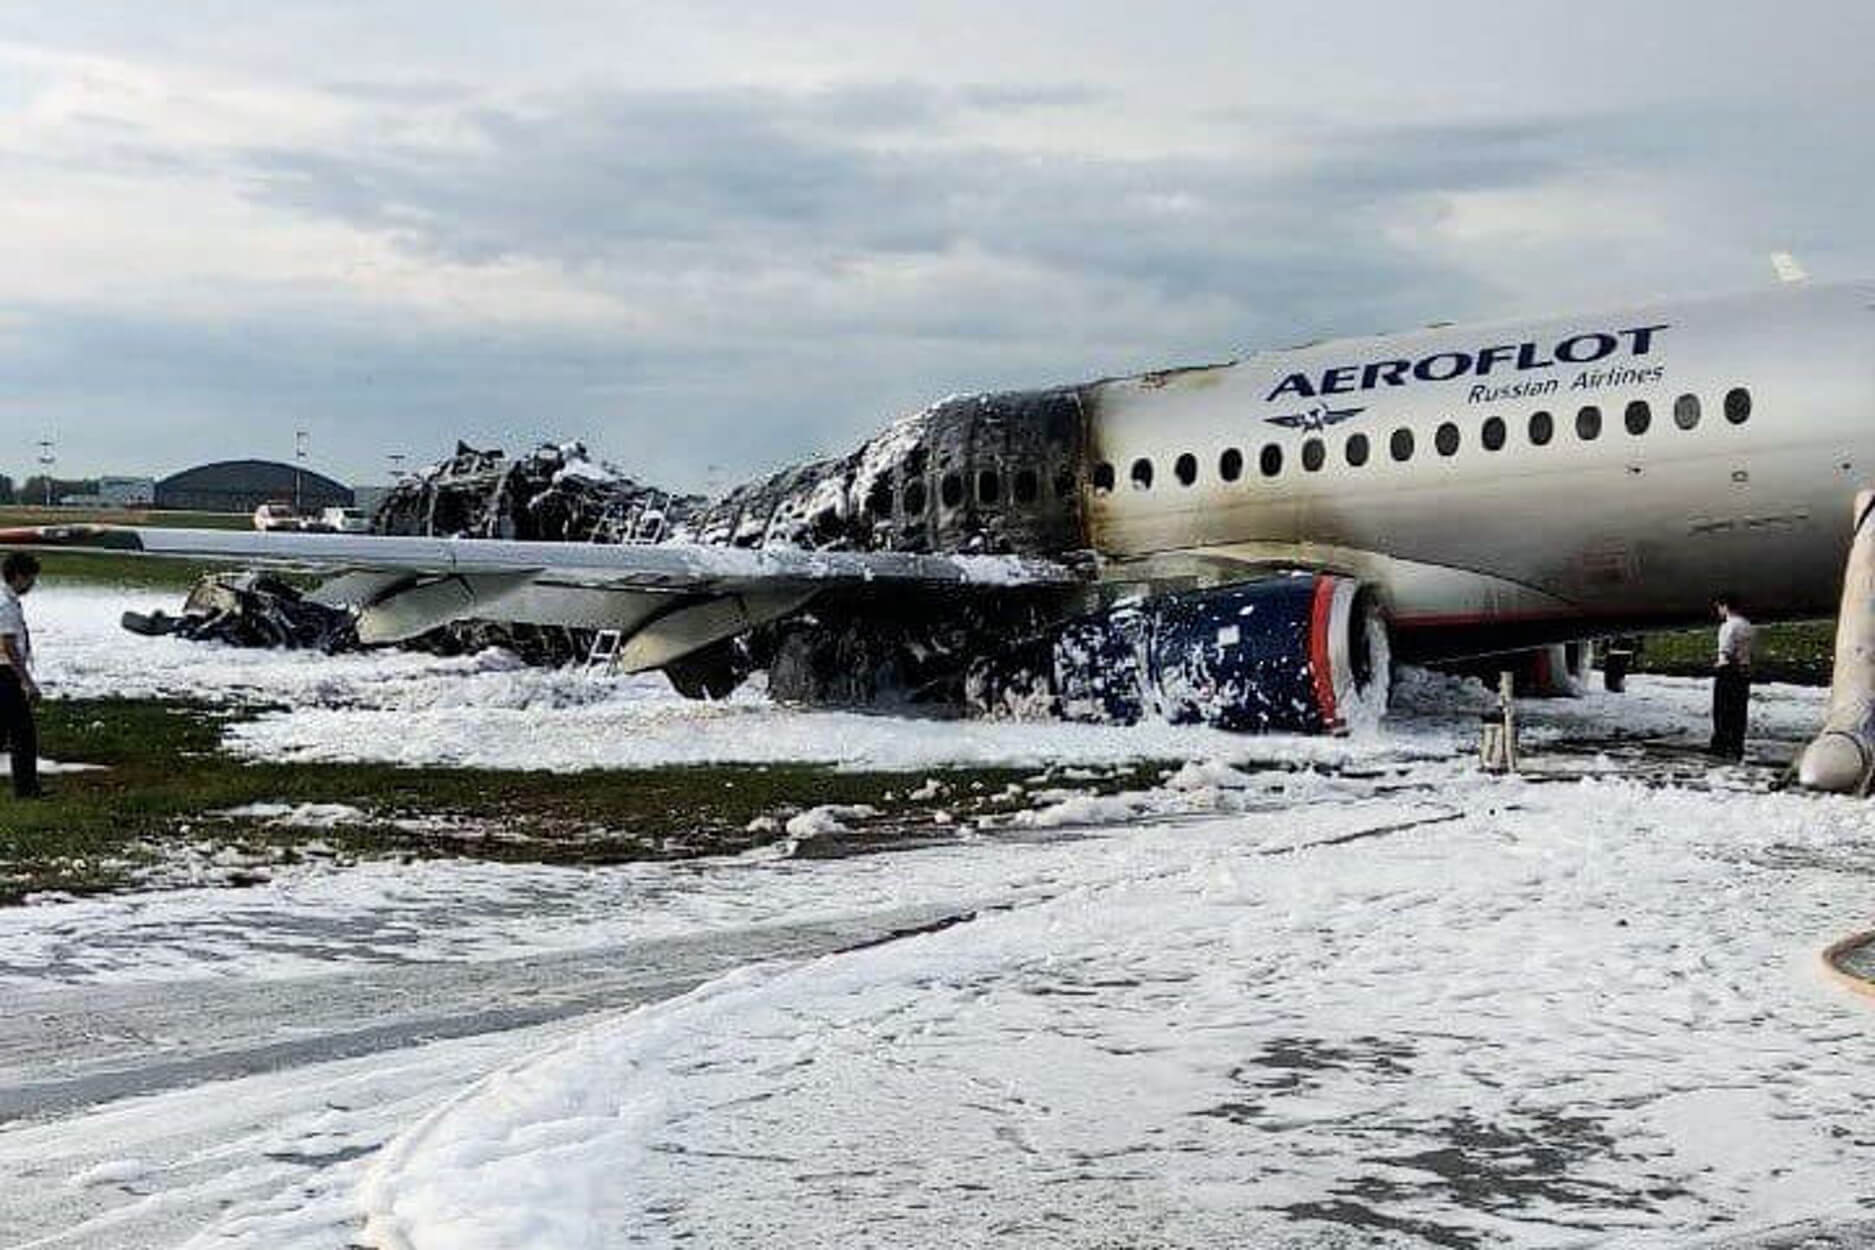 """Ιπτάμενες """"καρμανιόλες"""" τα Ρωσικά αεροπλάνα - Δεν υπάρχει καν υψηλό επίπεδο ασφαλείας!"""